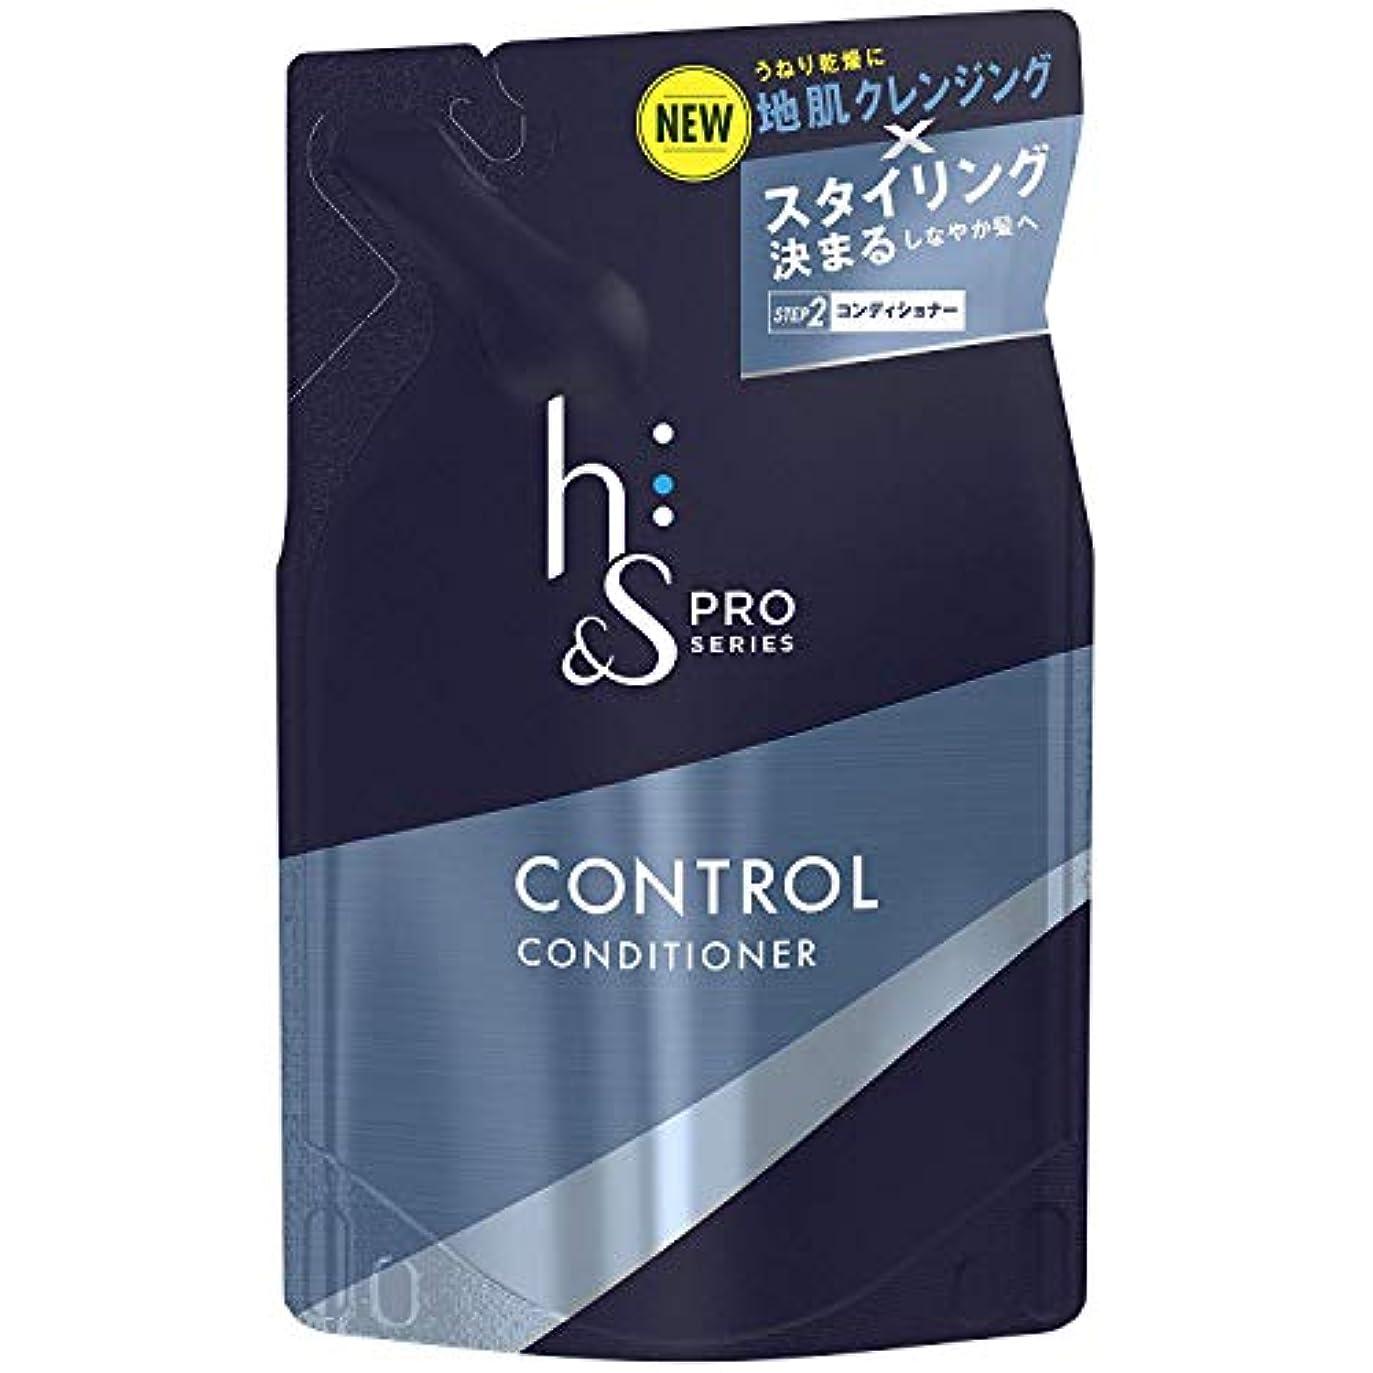 【3個セット】h&s PRO (エイチアンドエス プロ) メンズ コンディショナー コントロール 詰め替え (スタイリング重視) 300g